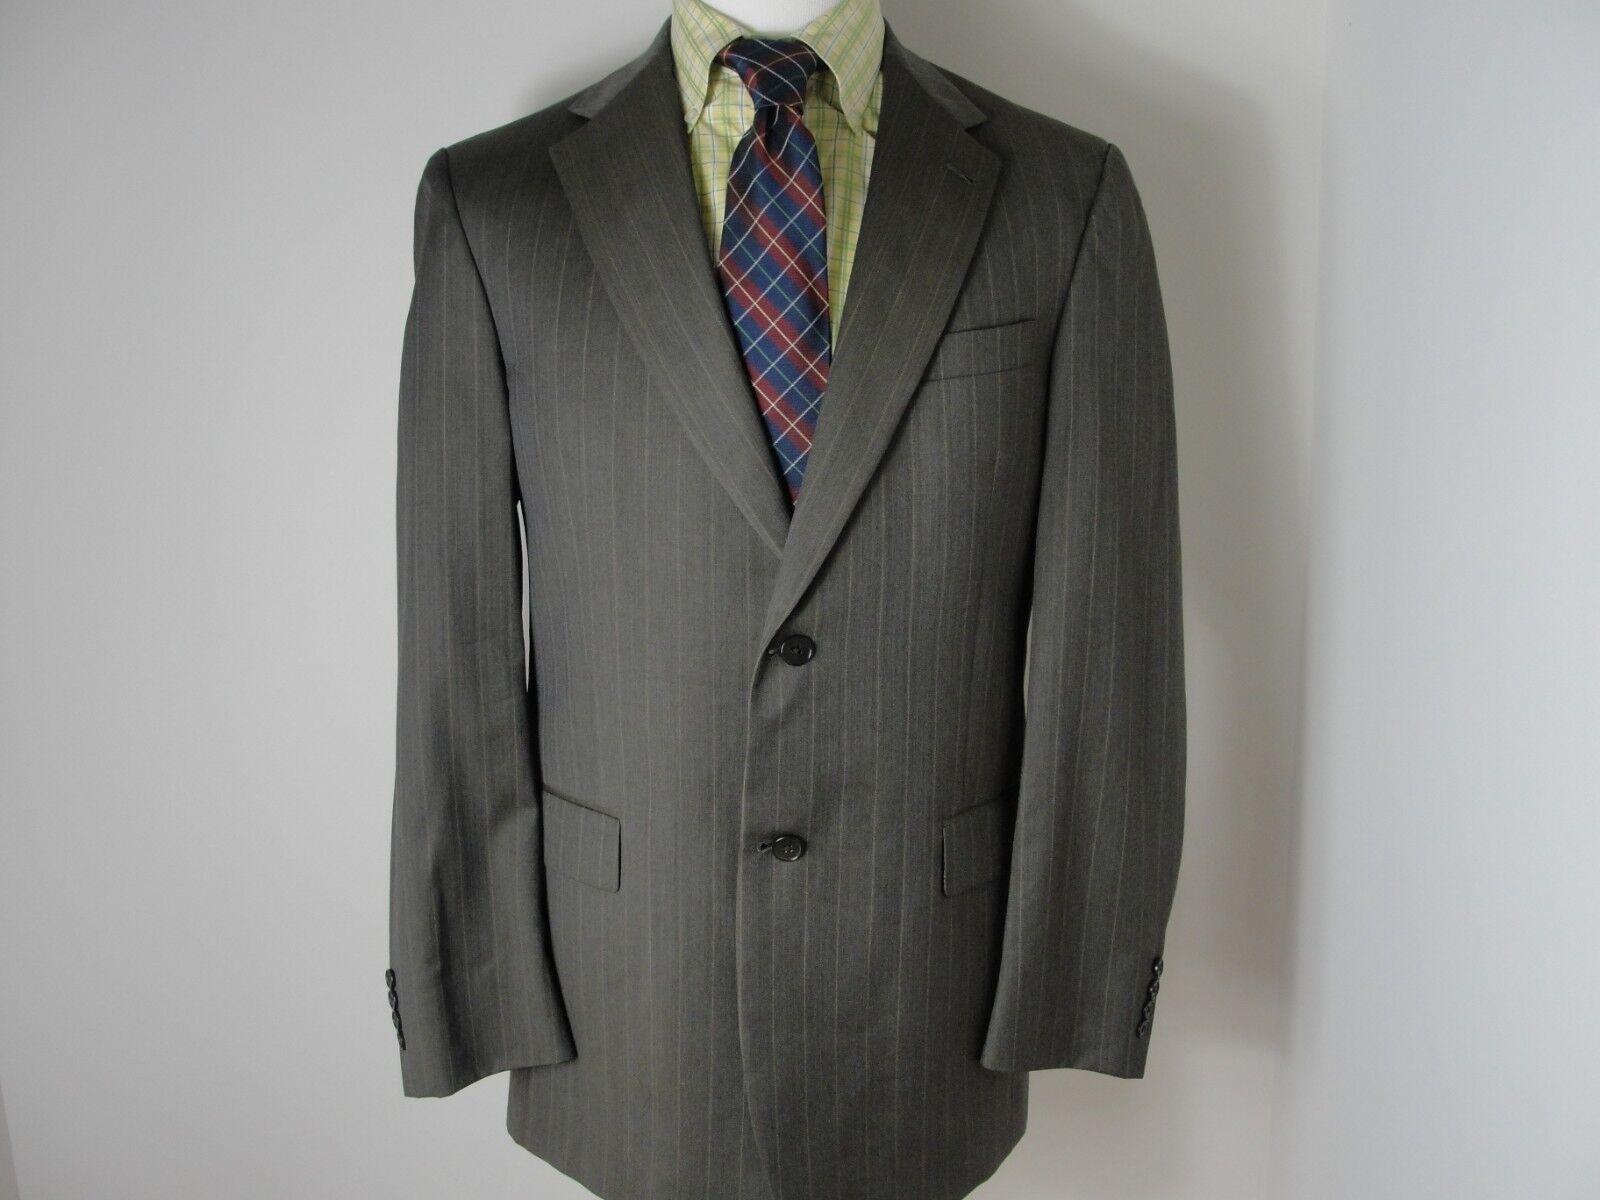 Hart Schaffner Marx Dark Olive Grün Stripe 2 Btn Wool 2 Pc suit Sz- 42L W36